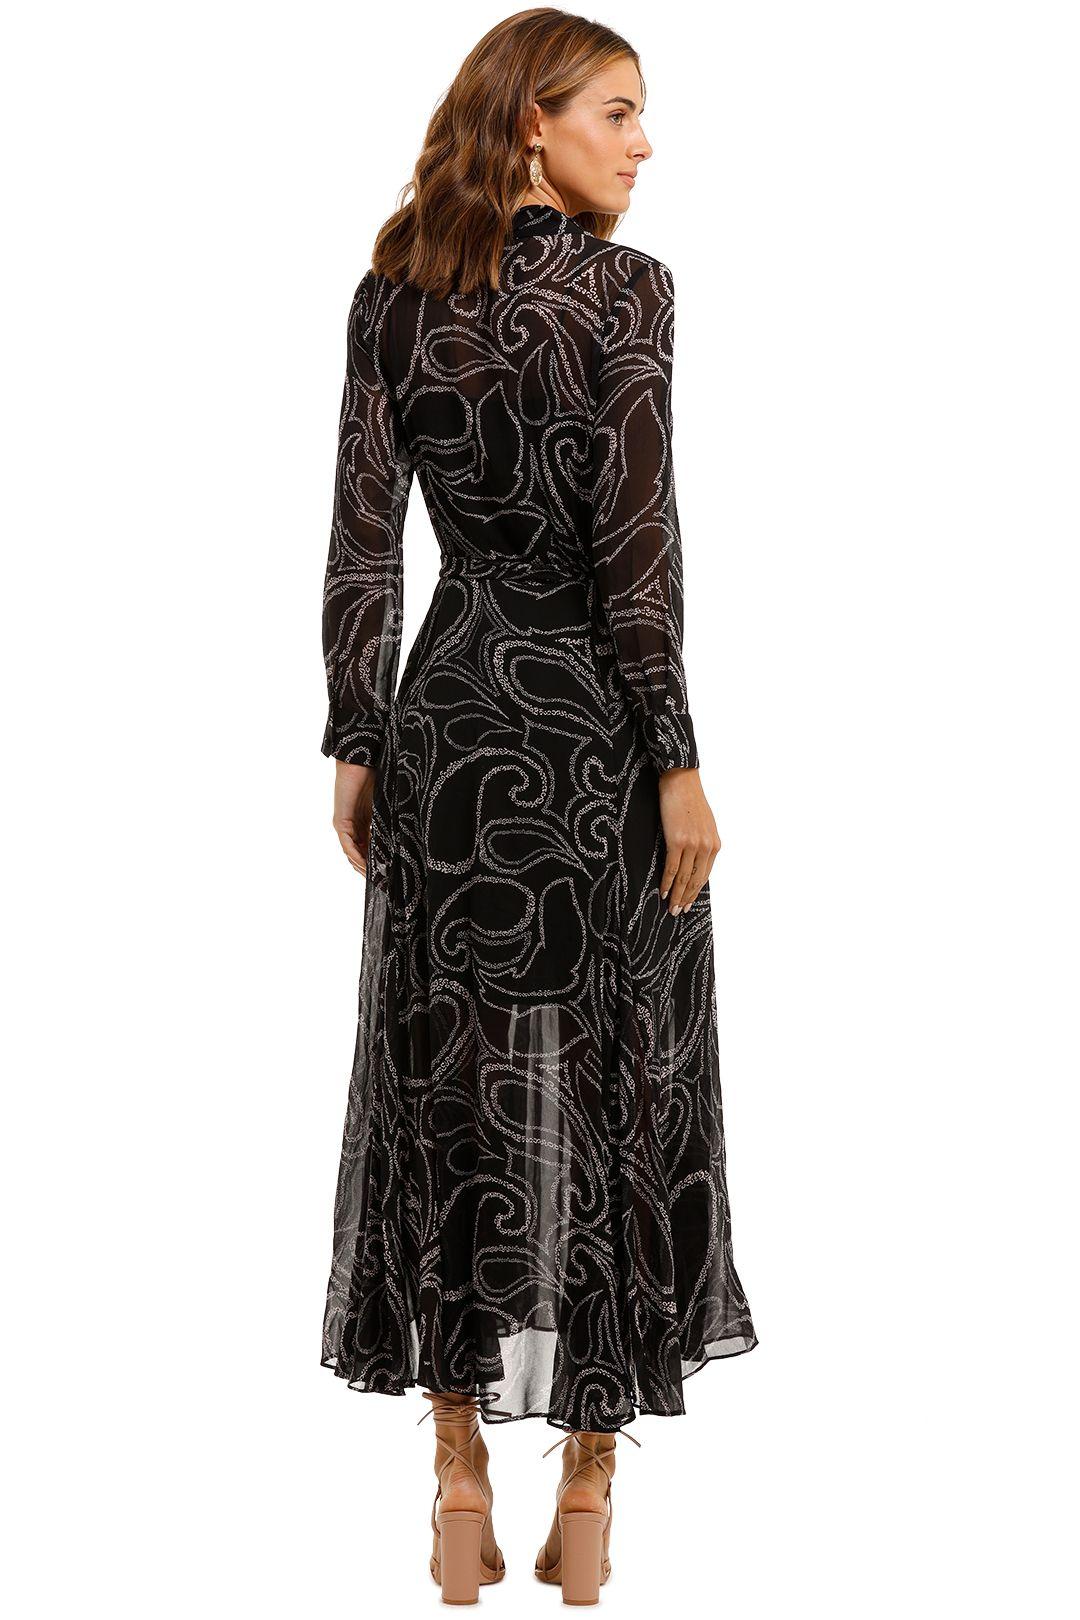 Husk Estate Dress Midi Full Skirt